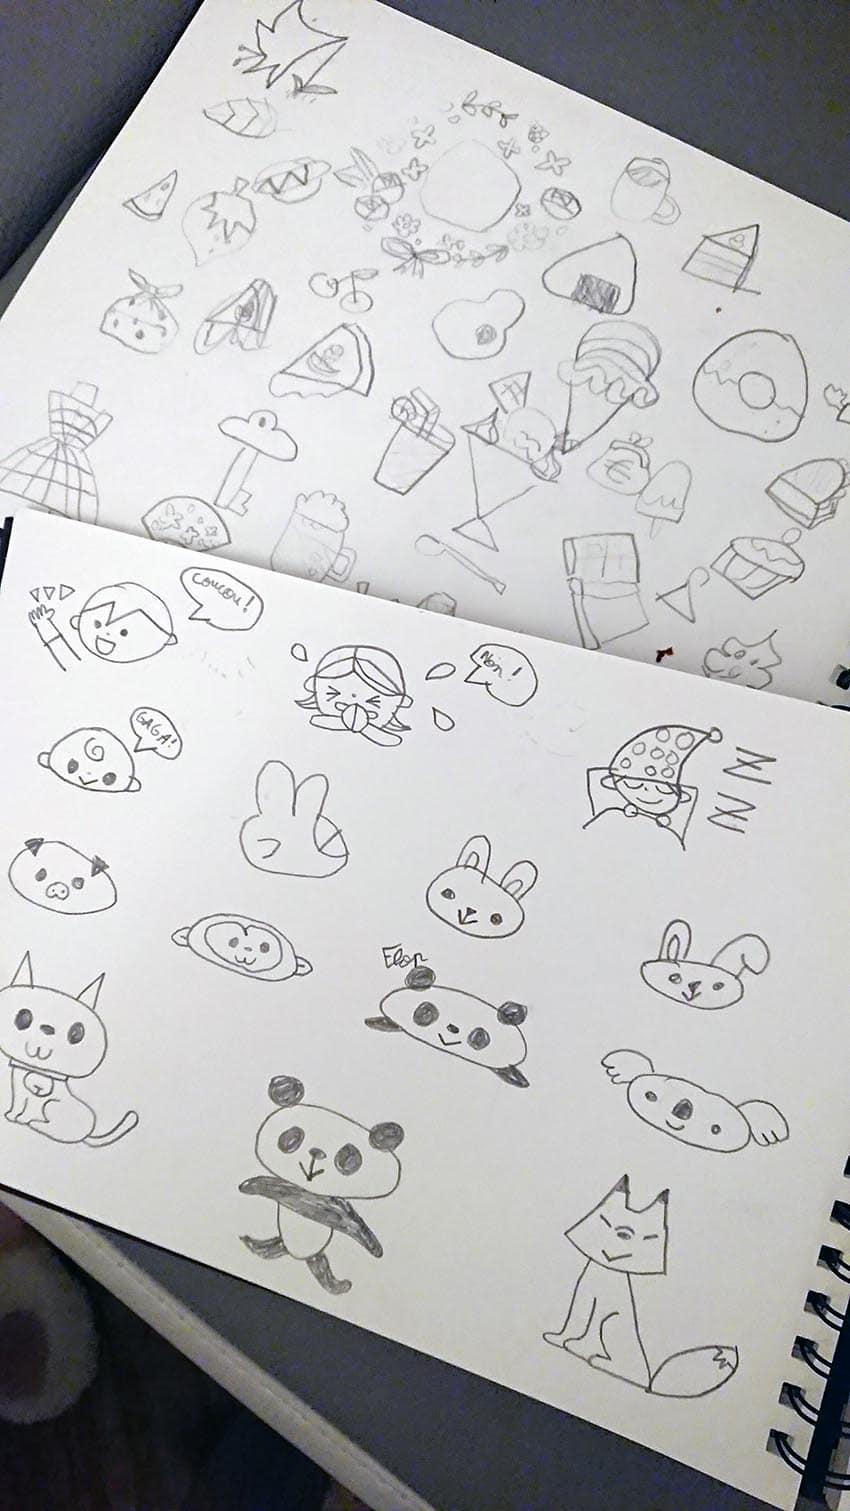 Apprendre A Dessiner Le Kawaii De Yooco Takashima Gallimard Jeunesse